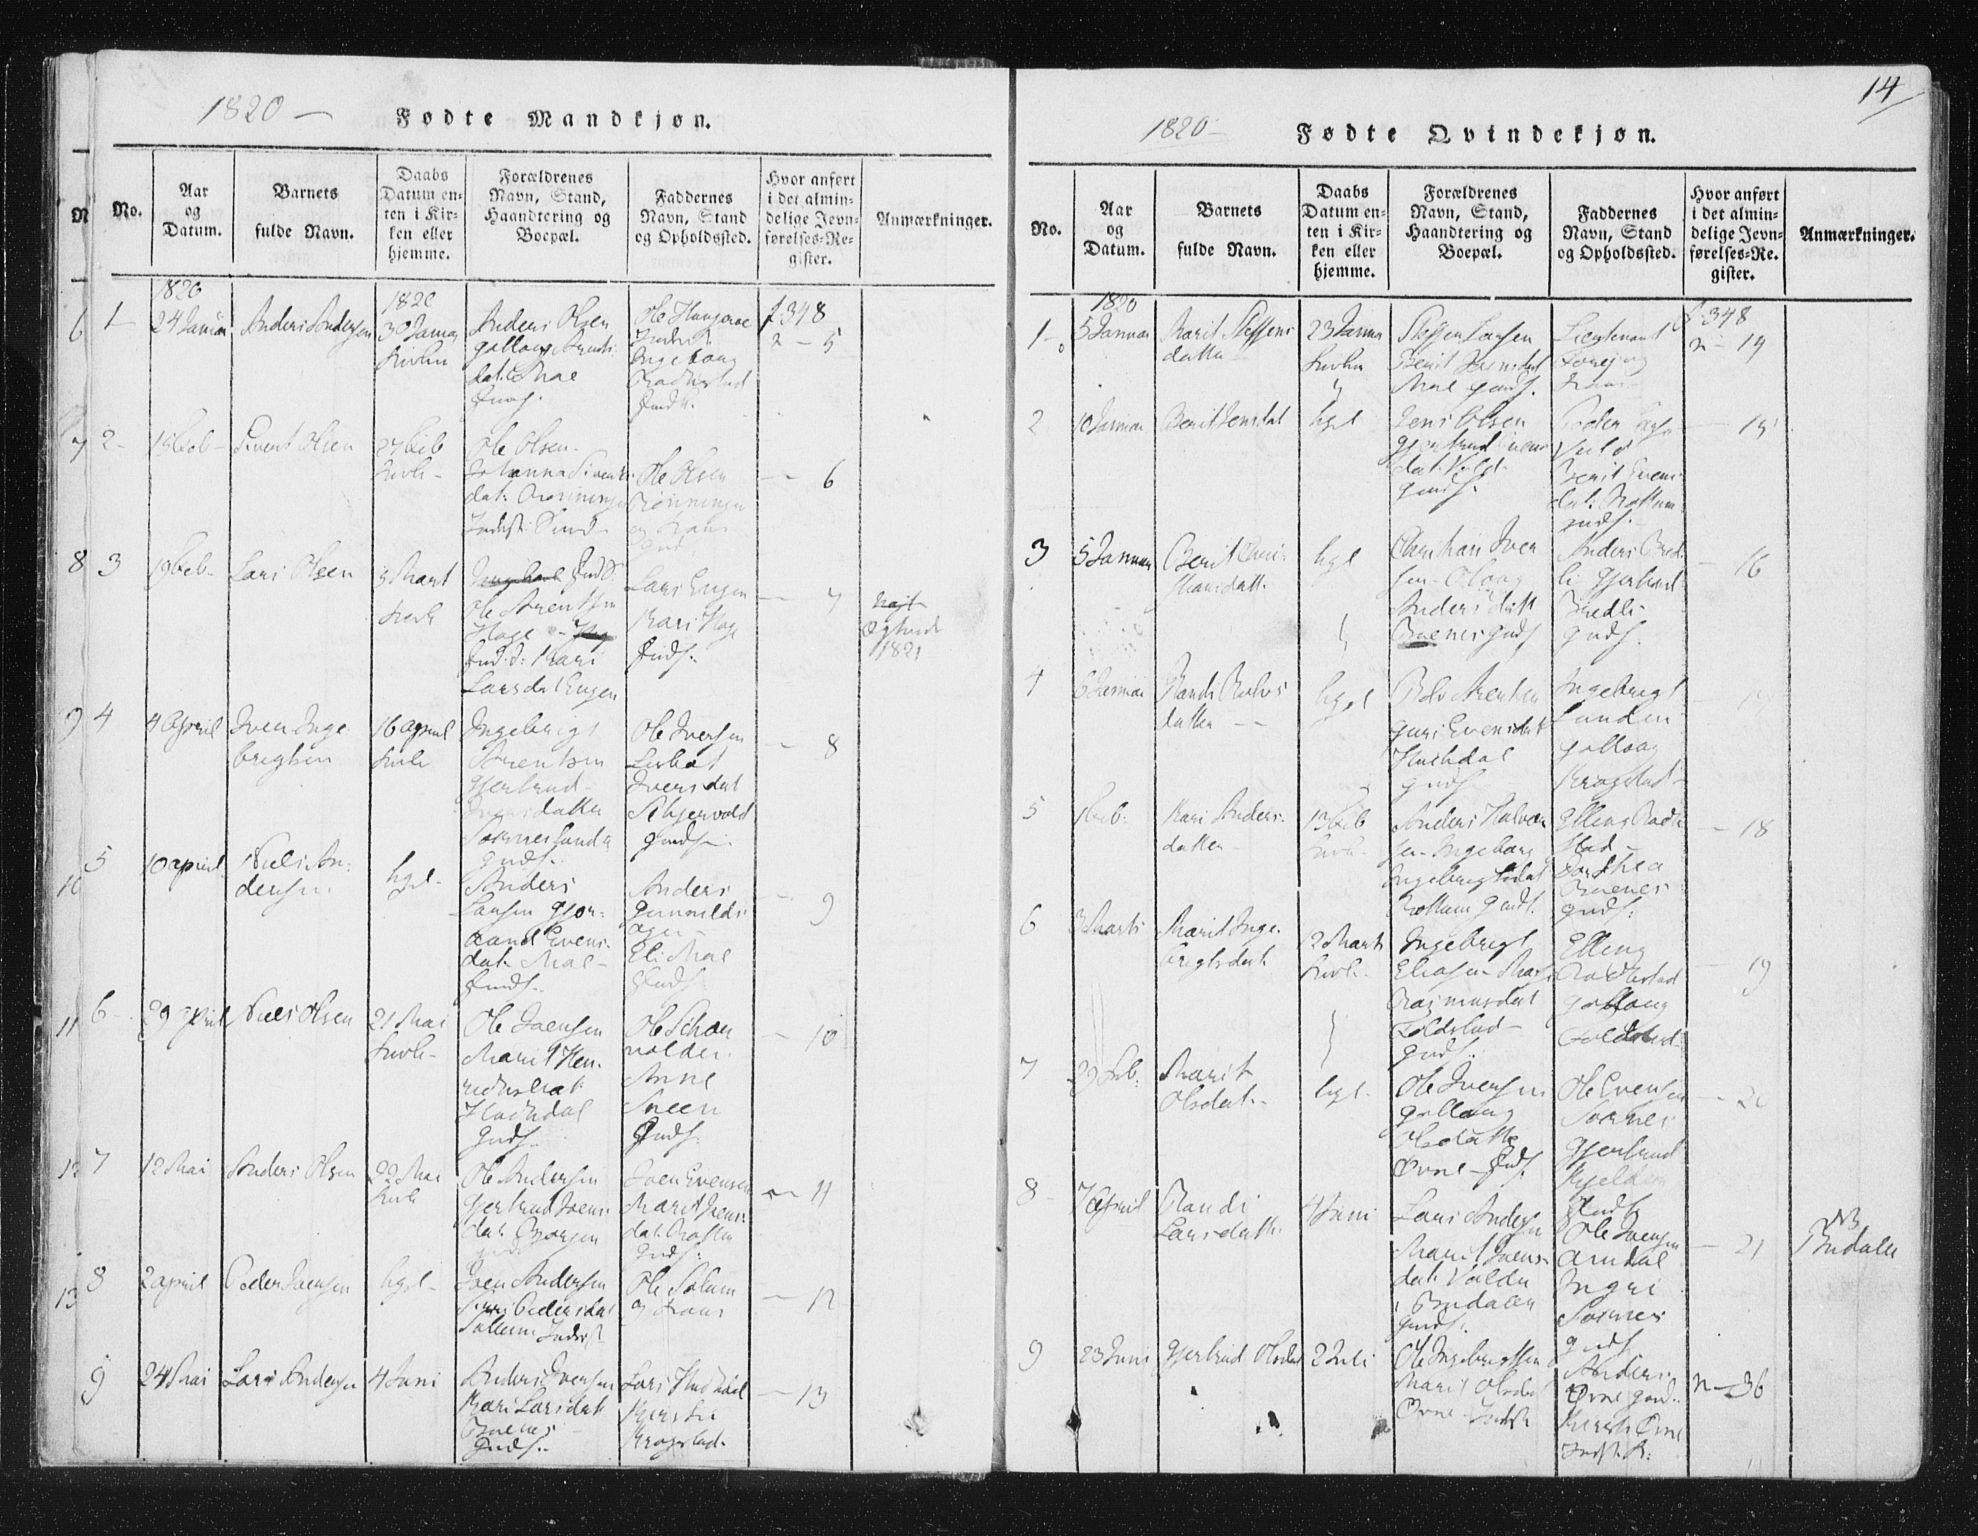 SAT, Ministerialprotokoller, klokkerbøker og fødselsregistre - Sør-Trøndelag, 687/L0996: Ministerialbok nr. 687A04, 1816-1842, s. 14